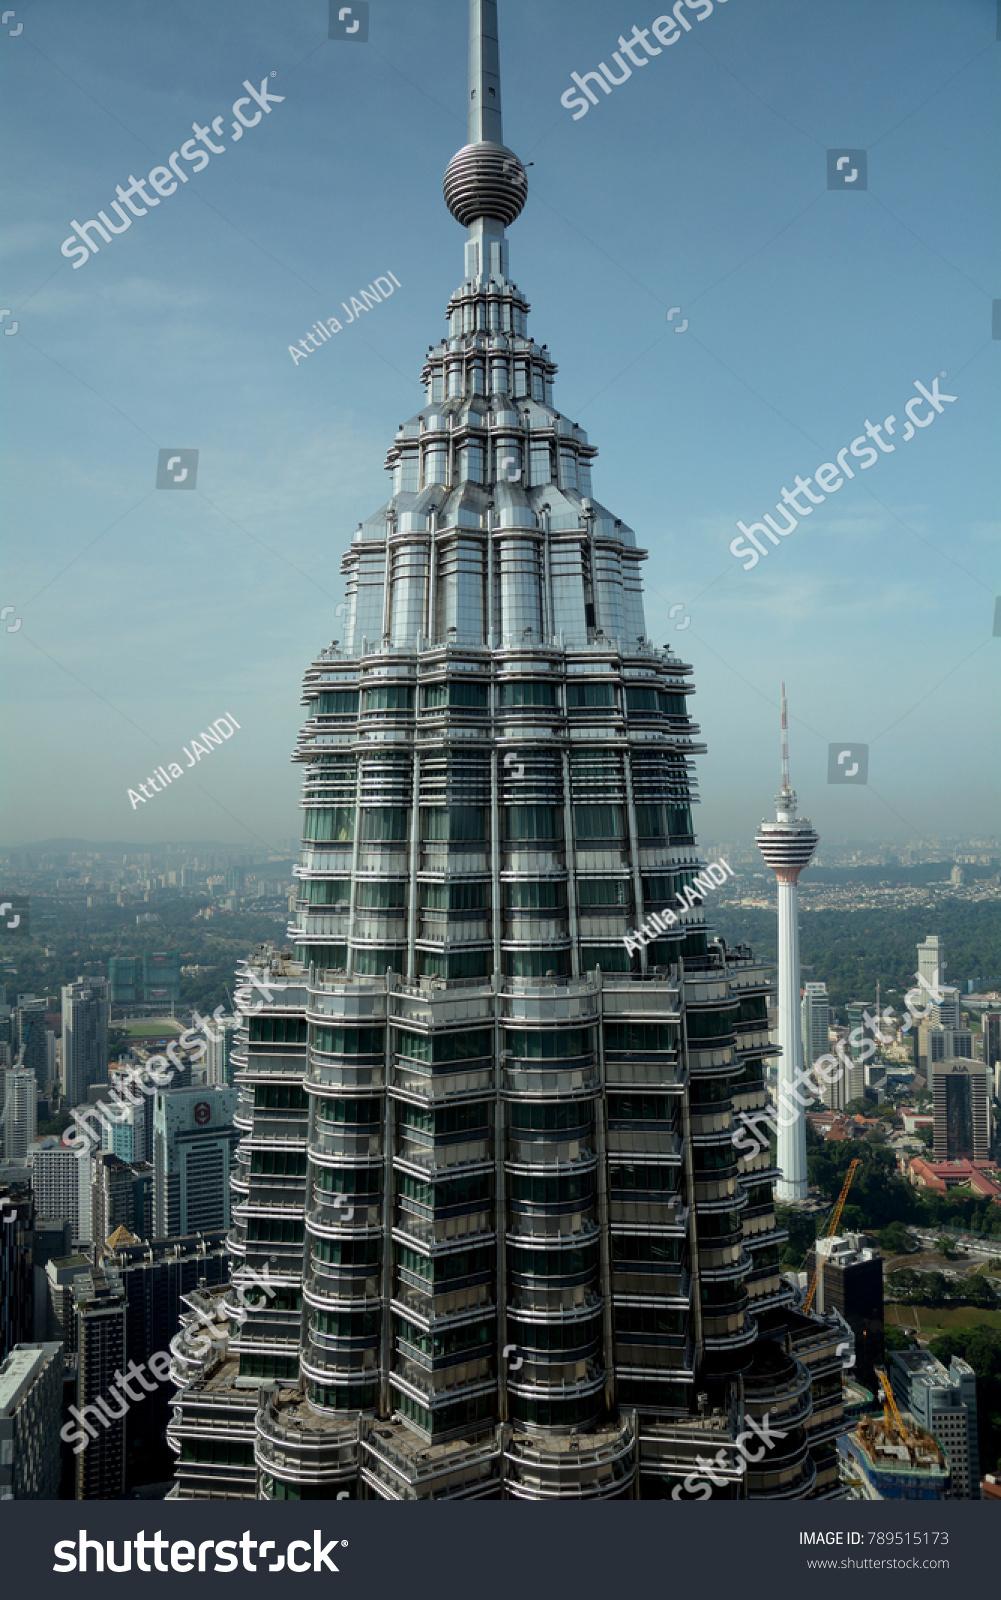 Kuala lumpur malaysia january 6 petronas stock photo 789515173 kuala lumpur malaysia january 6 petronas towers on 2 january 2018 at kuala buycottarizona Gallery